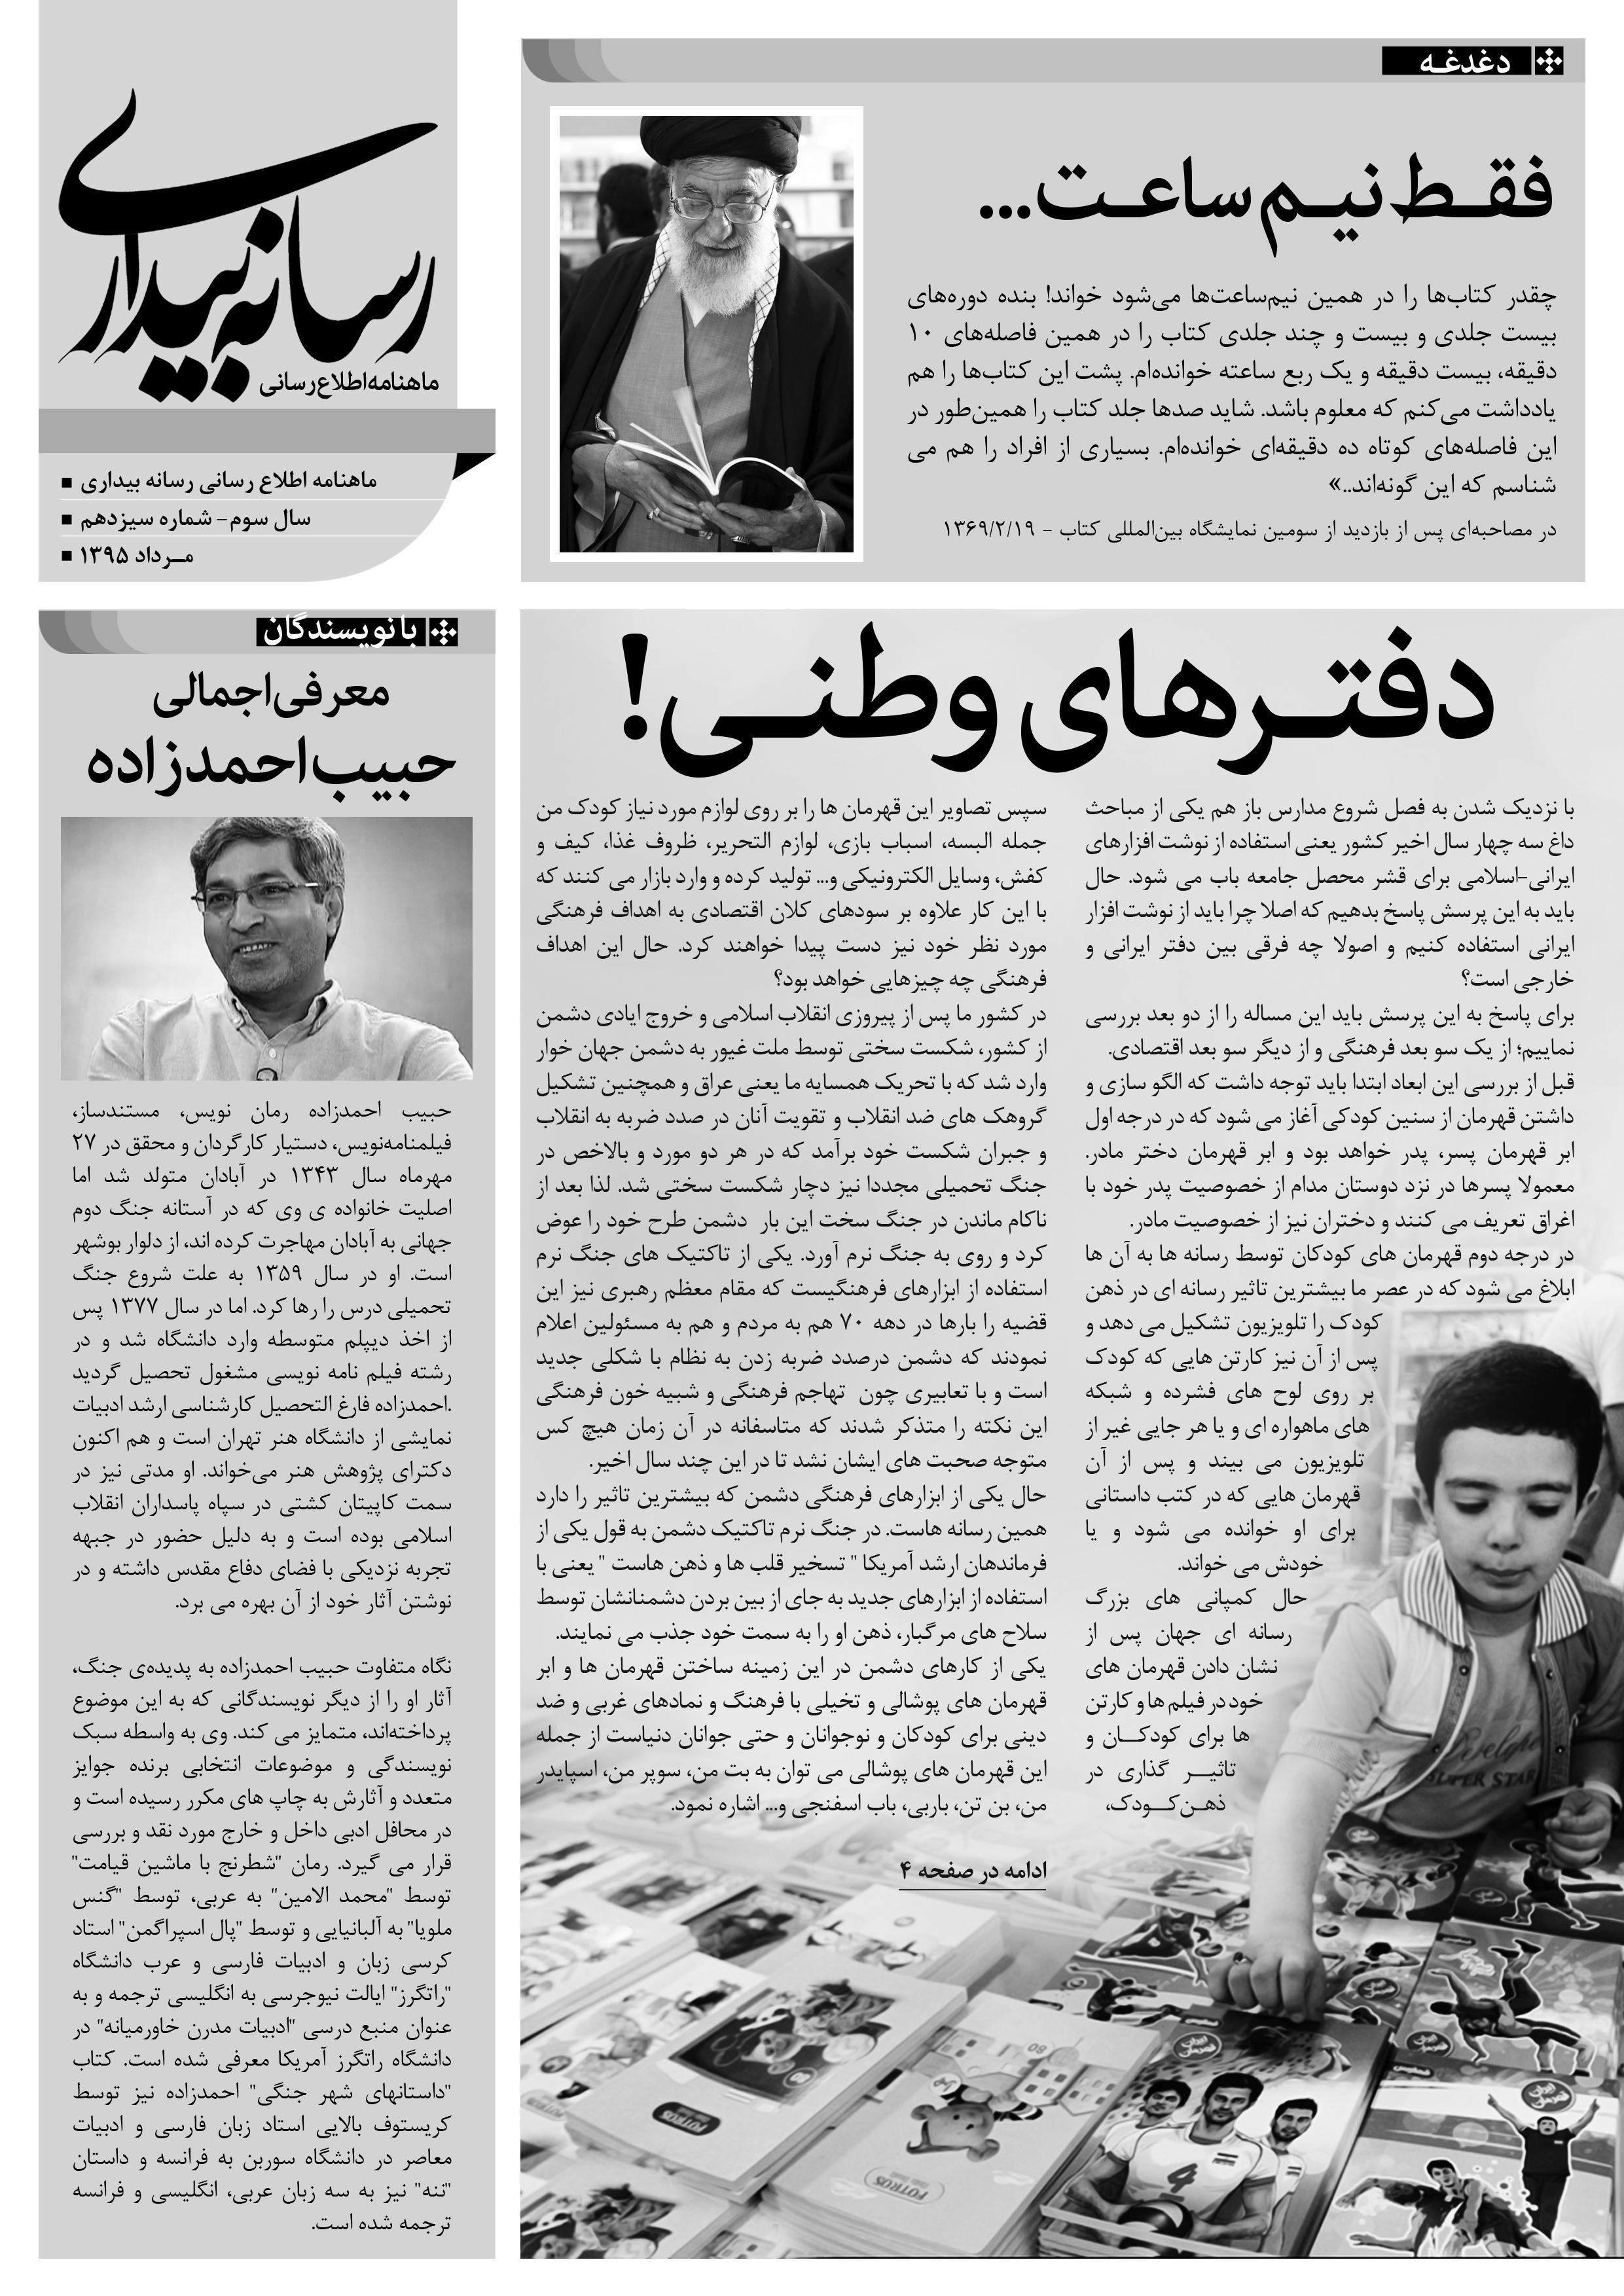 ویژه نامه جشنواره فرزندان ایران